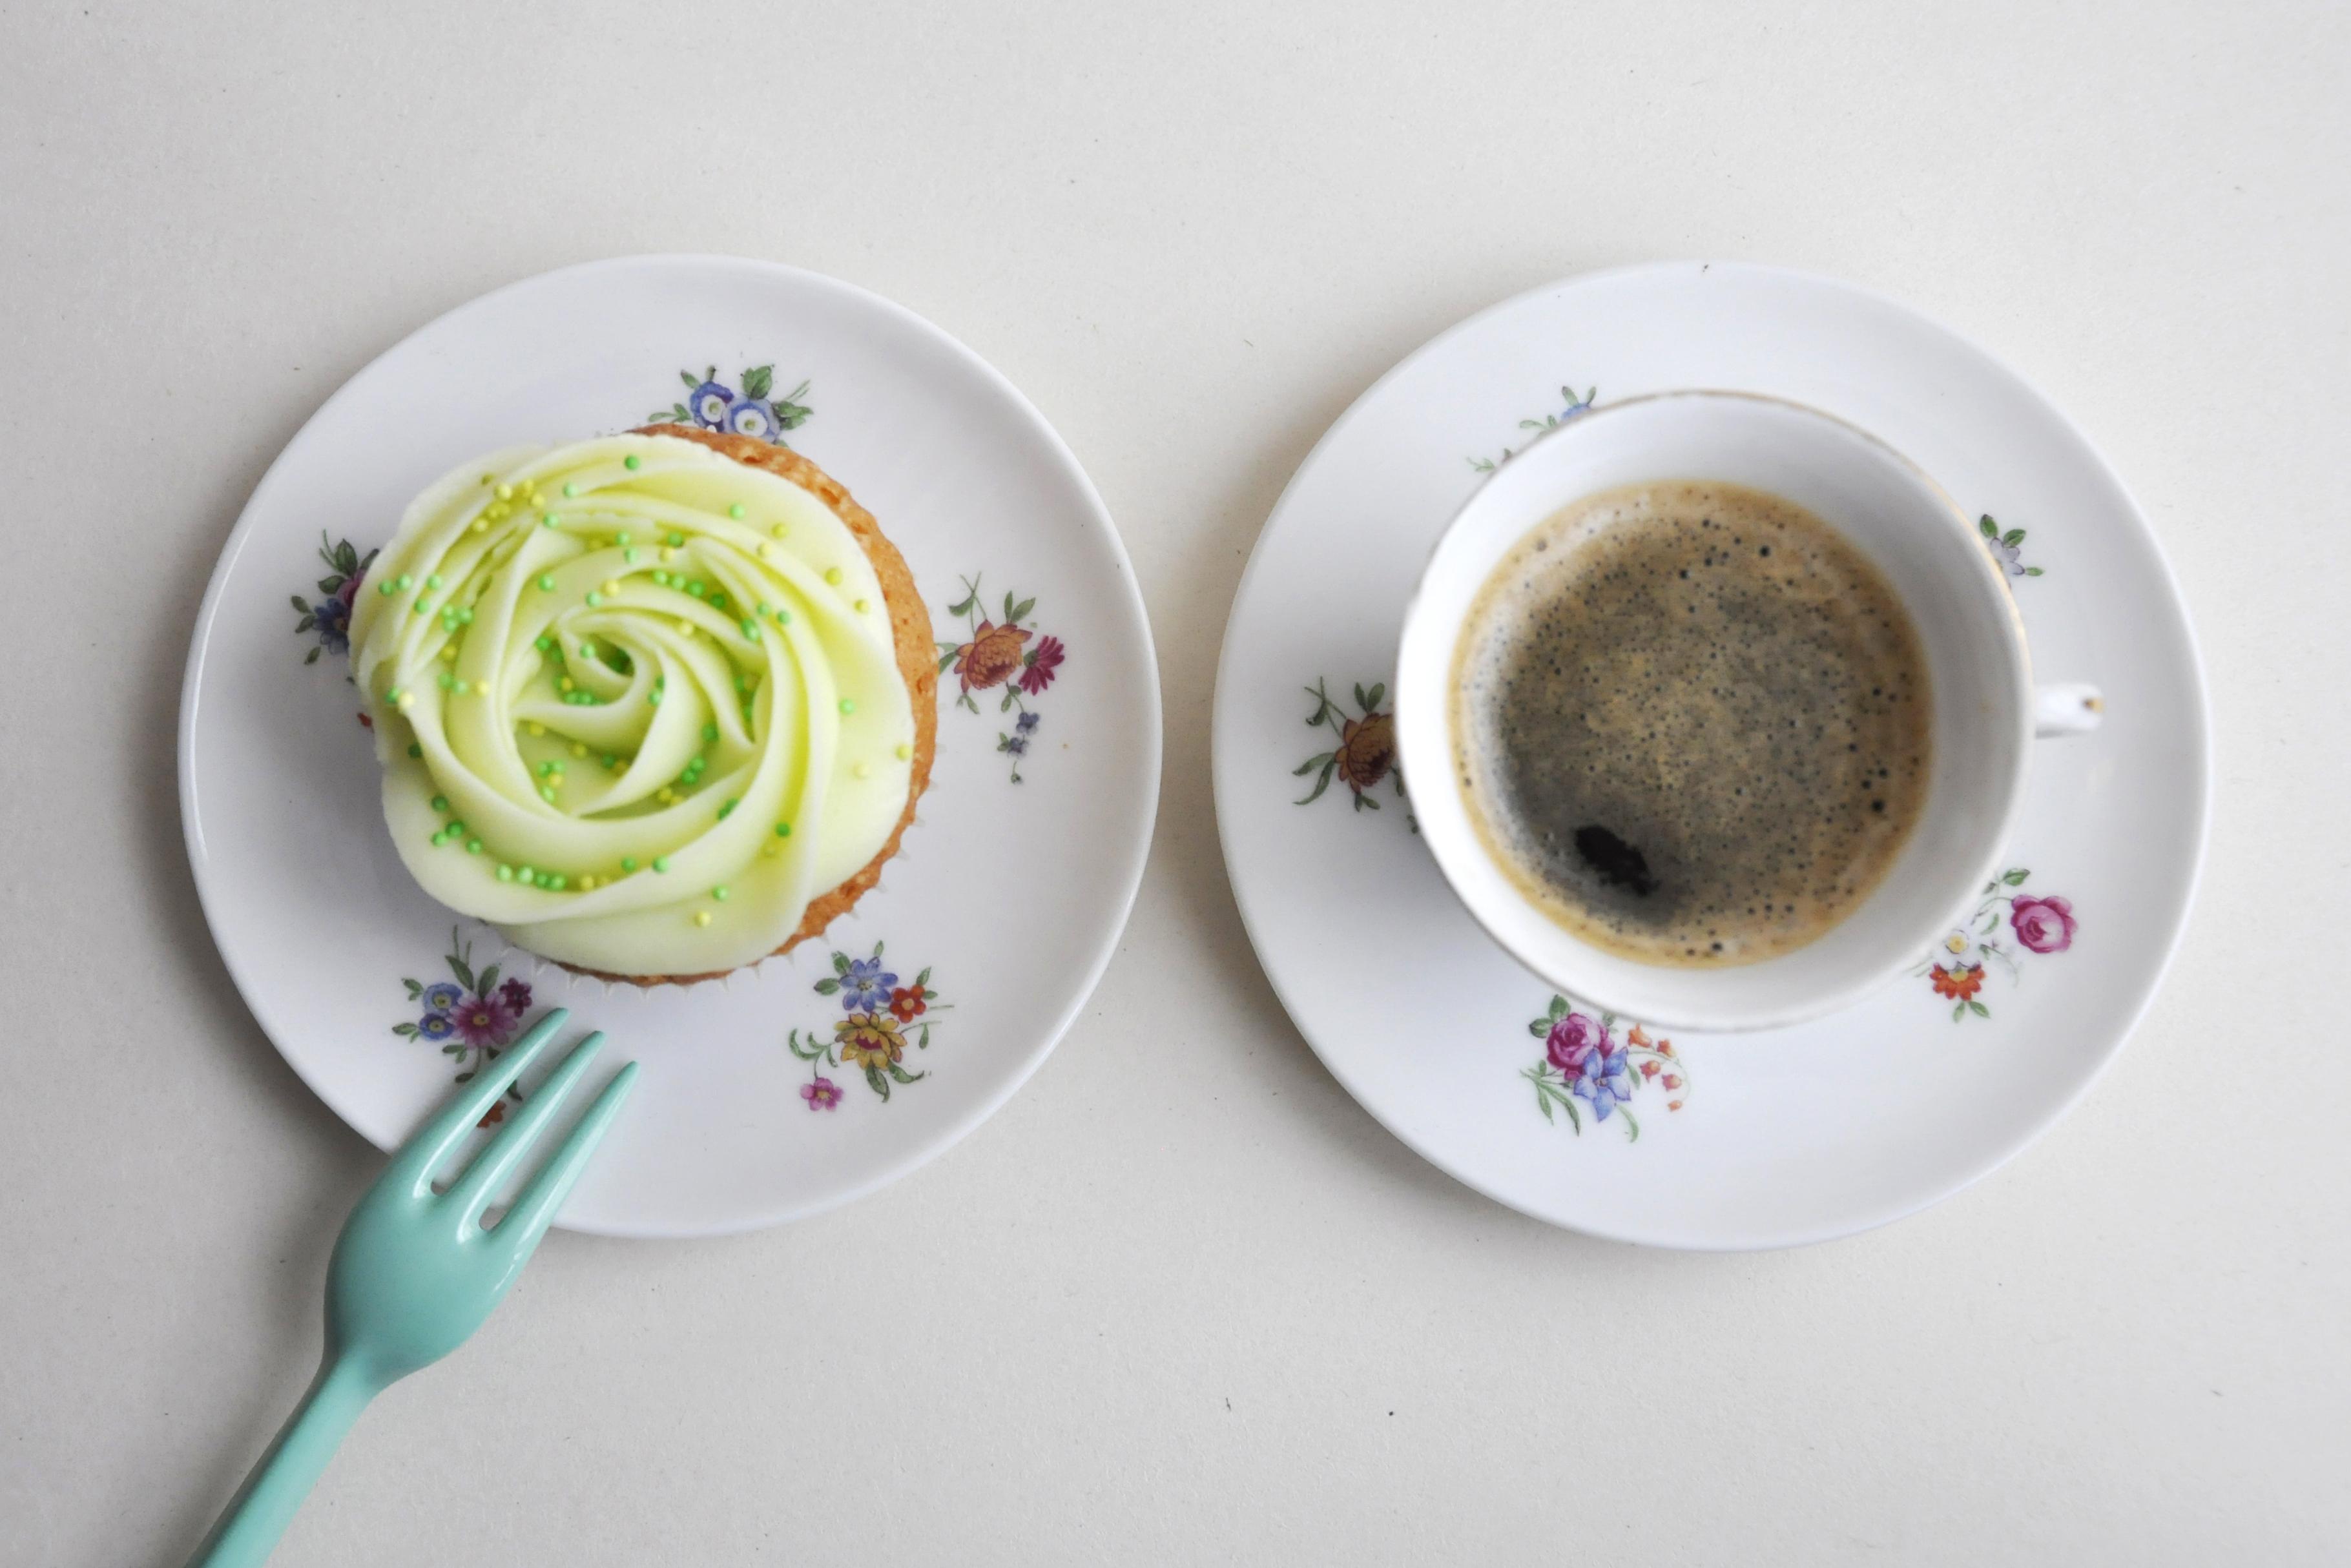 cafecupcake-1480345346.jpg